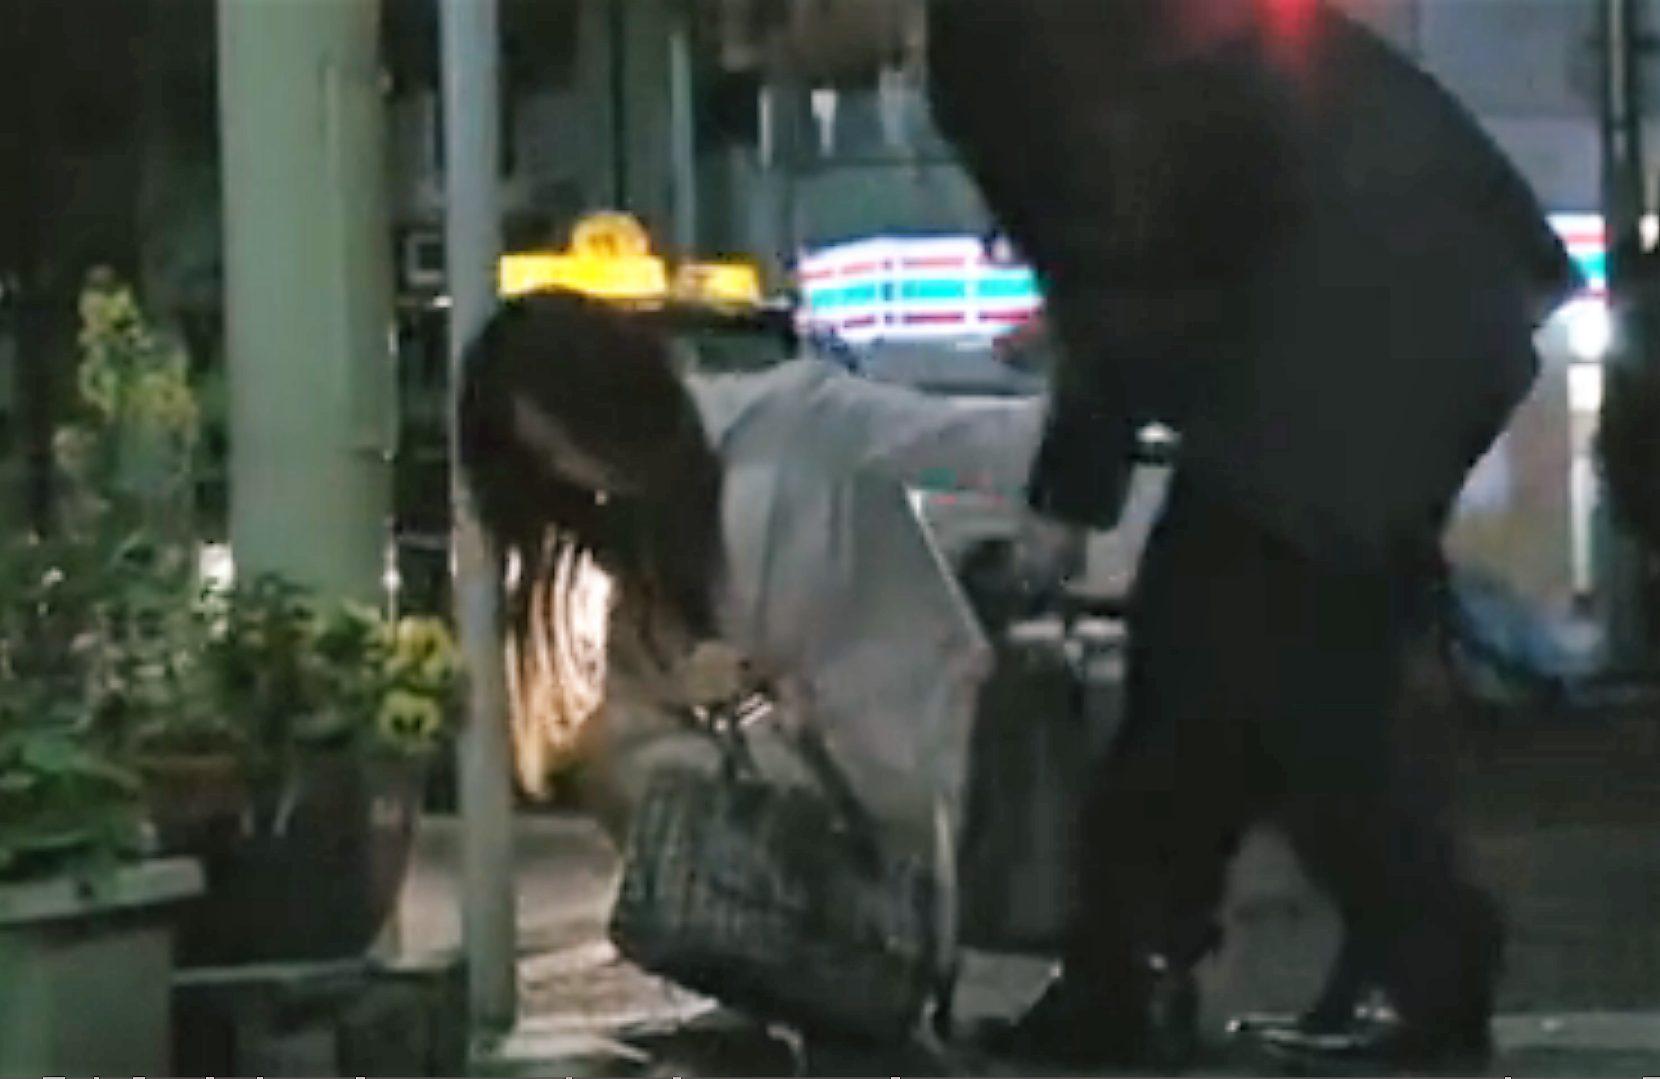 【※泥酔レイプ※】夜道で泥酔しているOLを連れ去り犯す!朦朧とし判断能力が低下している女に生ハメ…!